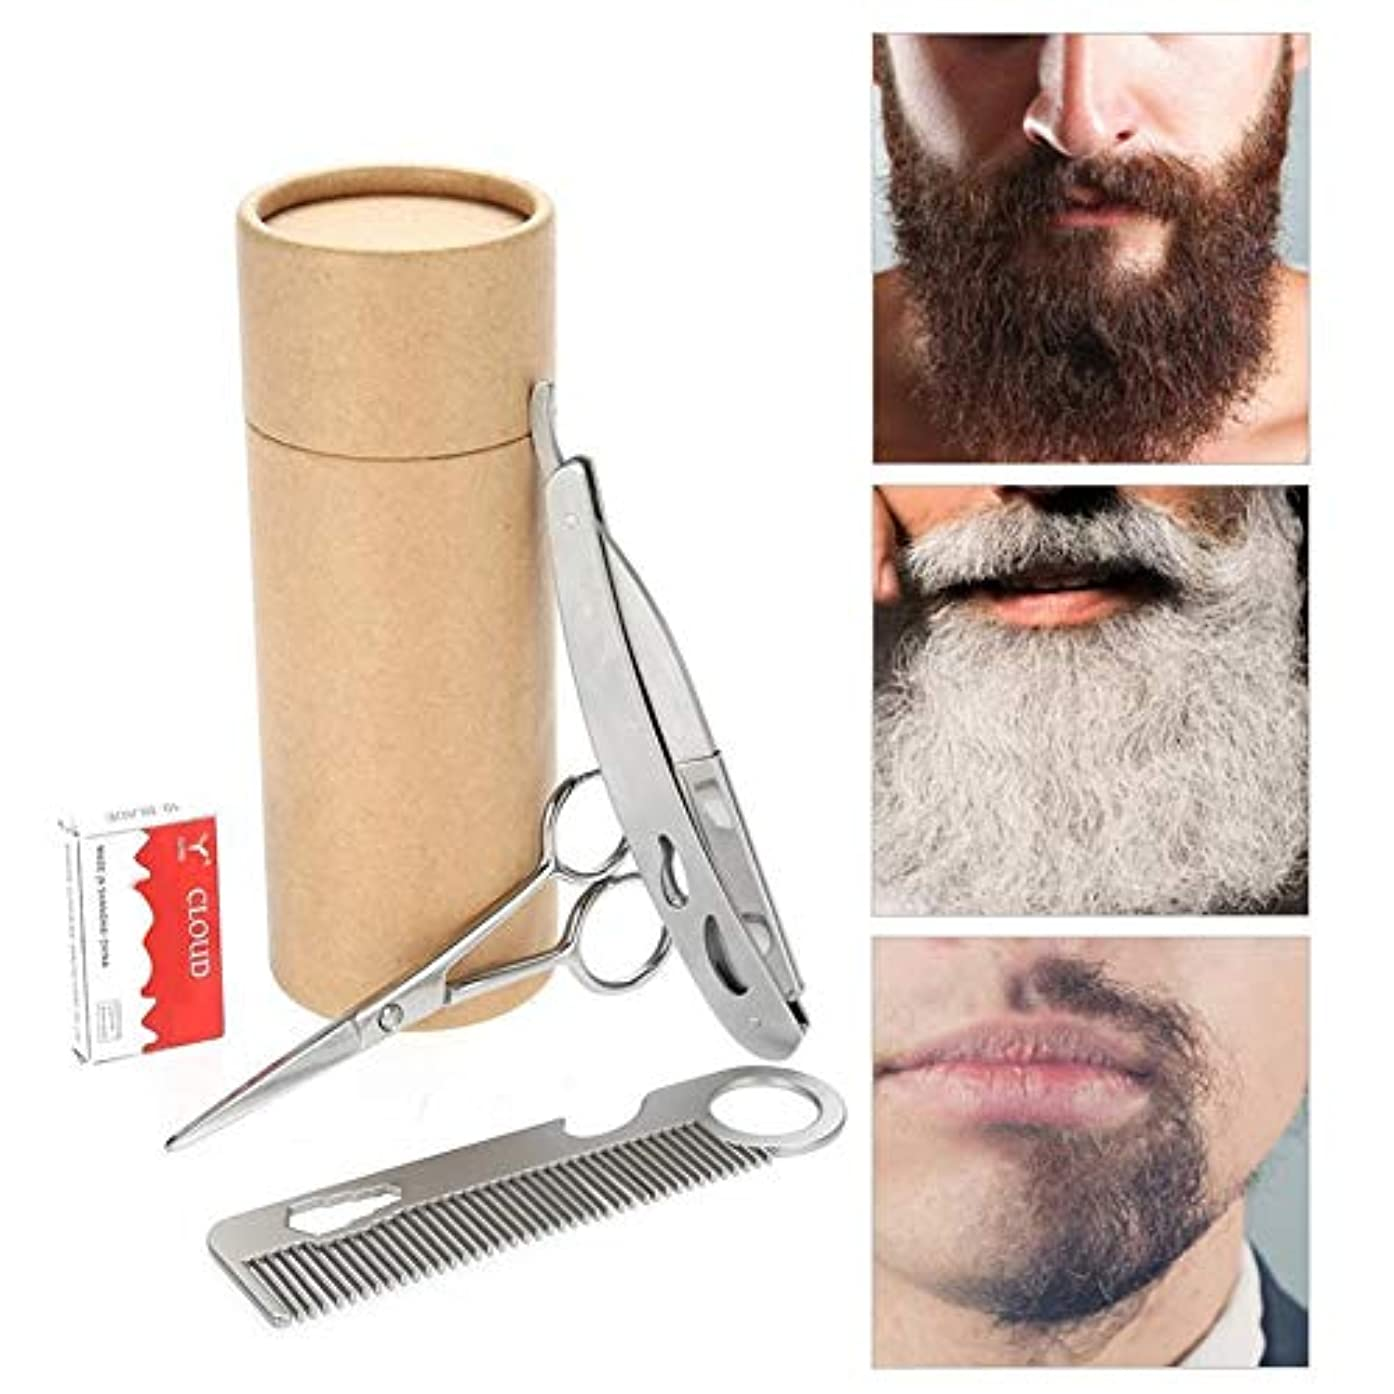 イーウェル外交官公平な1セット髭剃り顔ヘアケアツール男性ひげブラシ櫛キット男性口ひげグルーミングシェービング保湿男性ひげケアツール